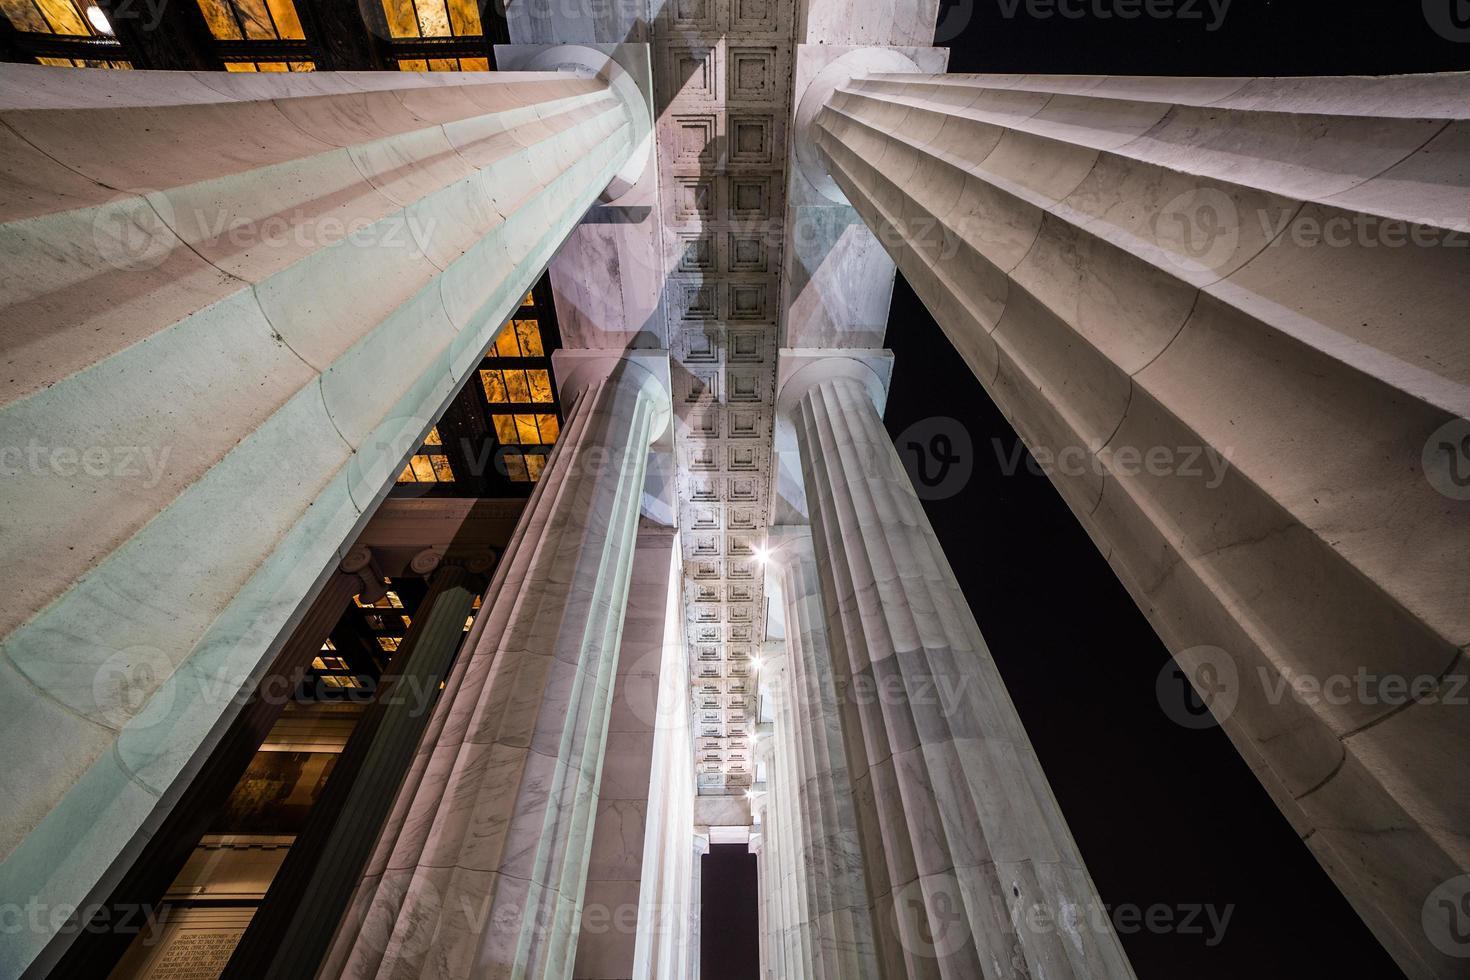 columnas conmemorativas en la noche foto